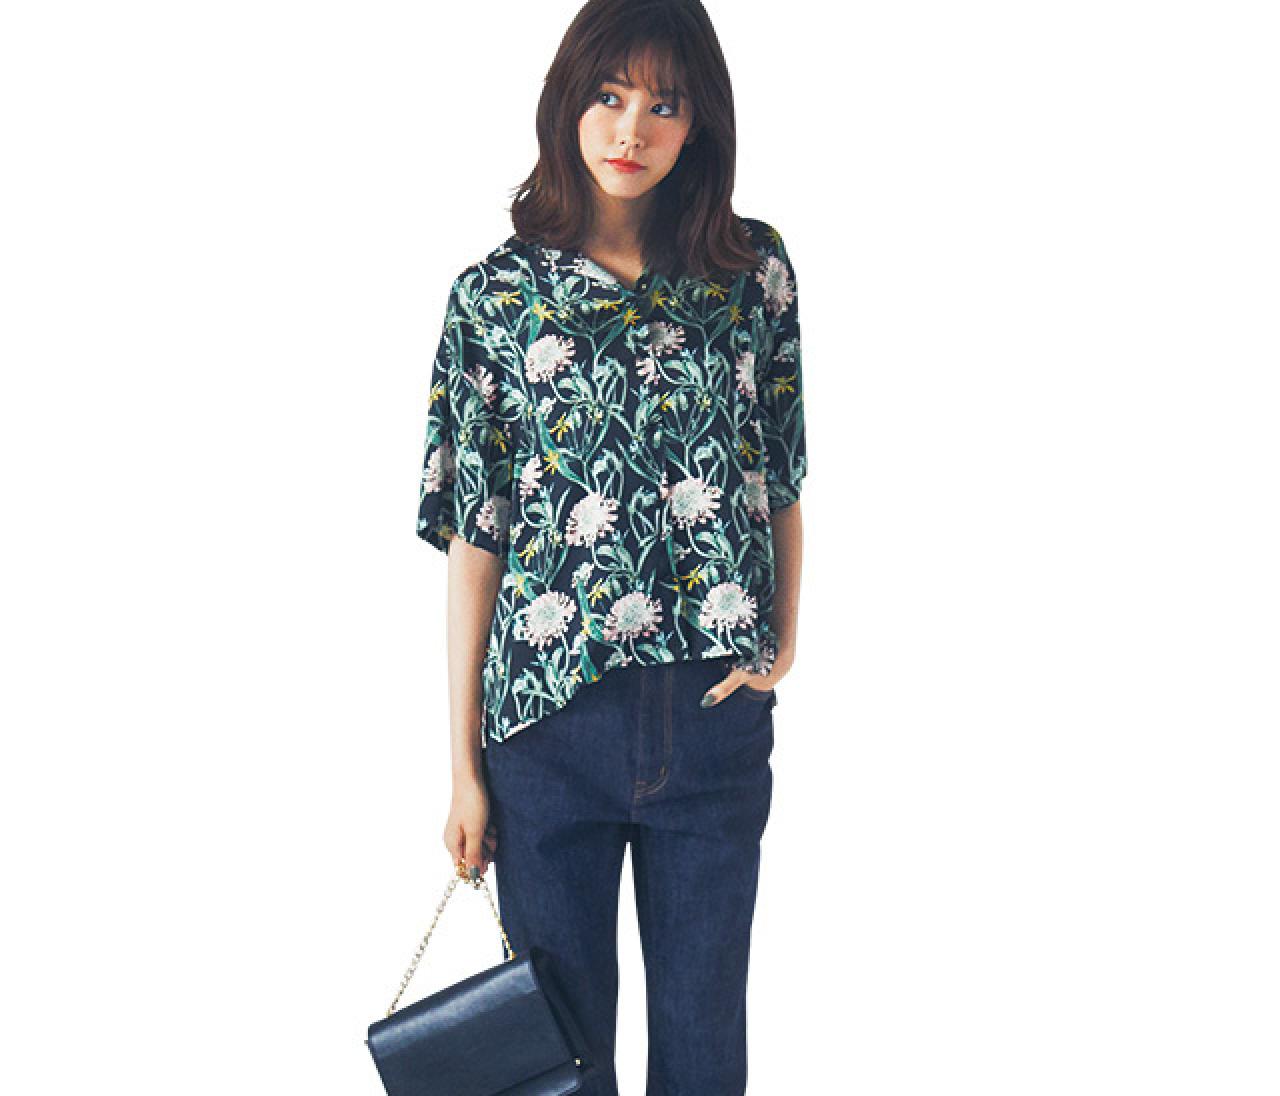 夏のインパクトシャツは、品のあるデニムで大人カジュアルに!【2018/7/1のコーデ】